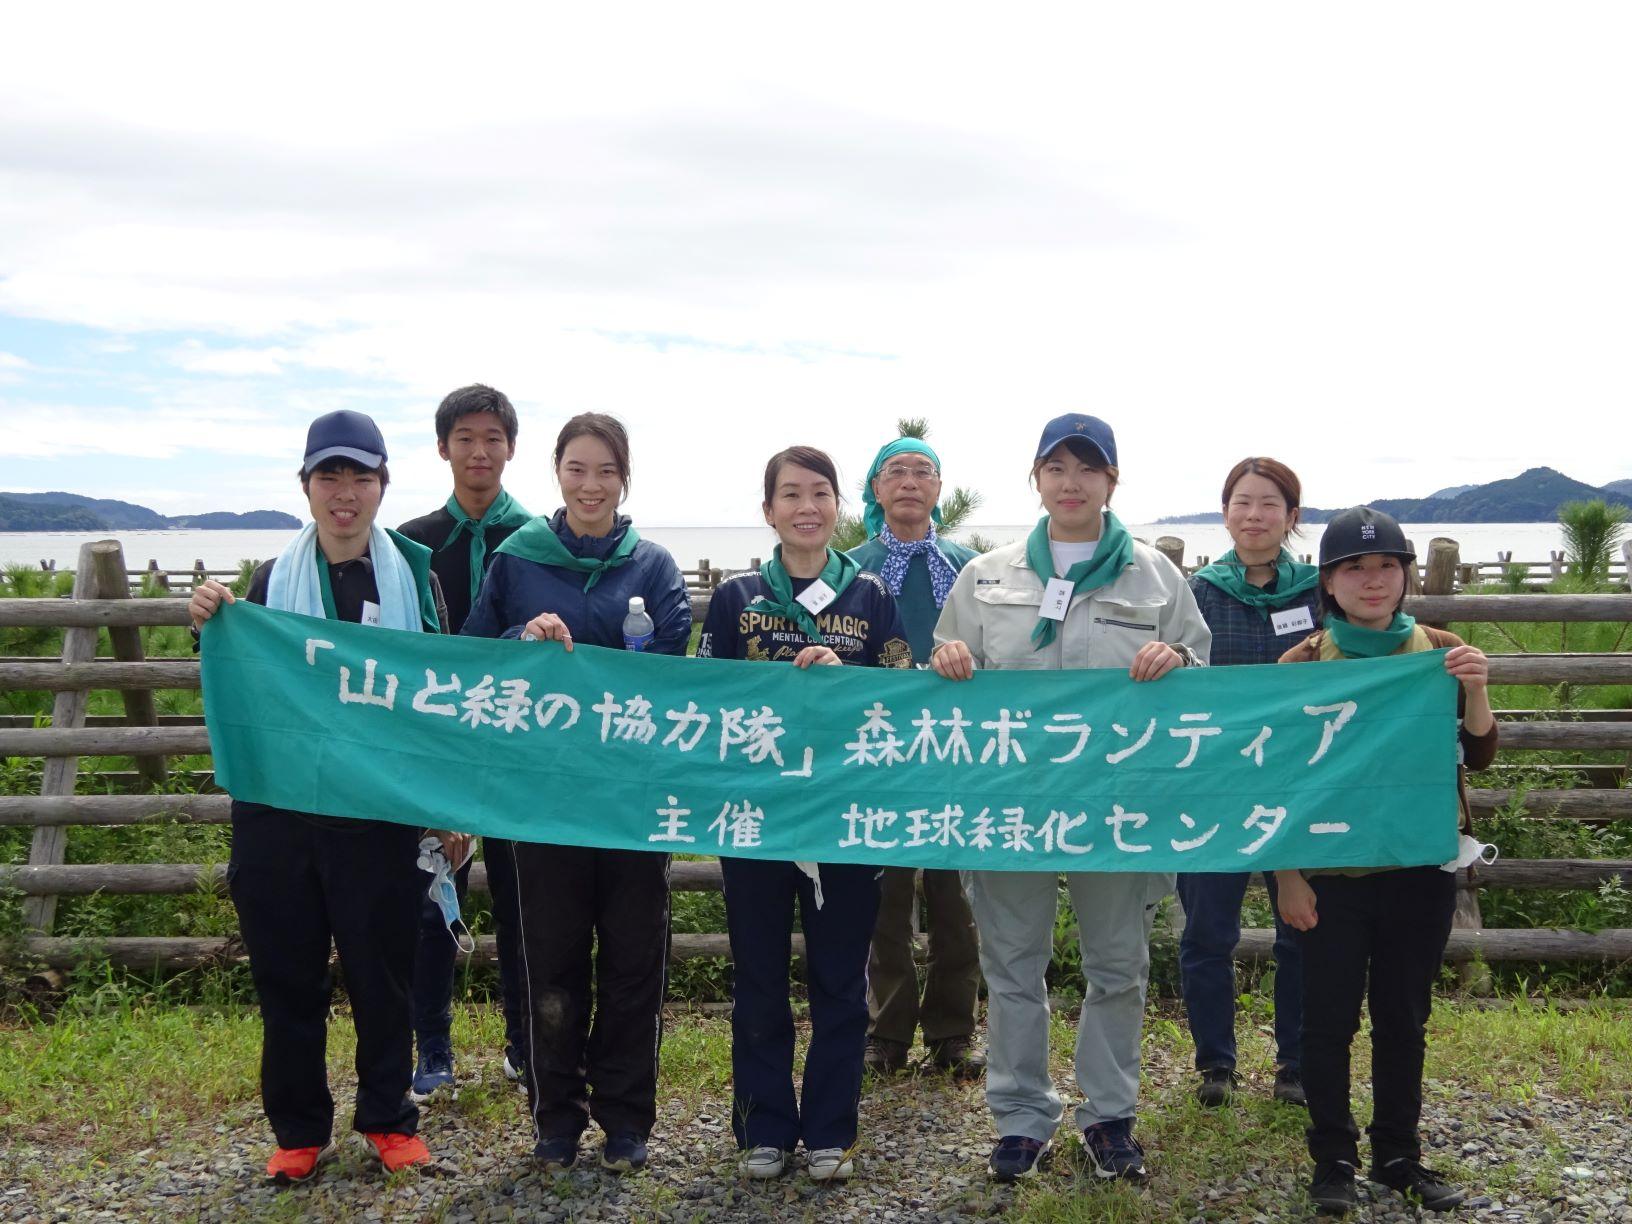 高田松原再生ボランティア参加者募集■岩手県陸前高田市